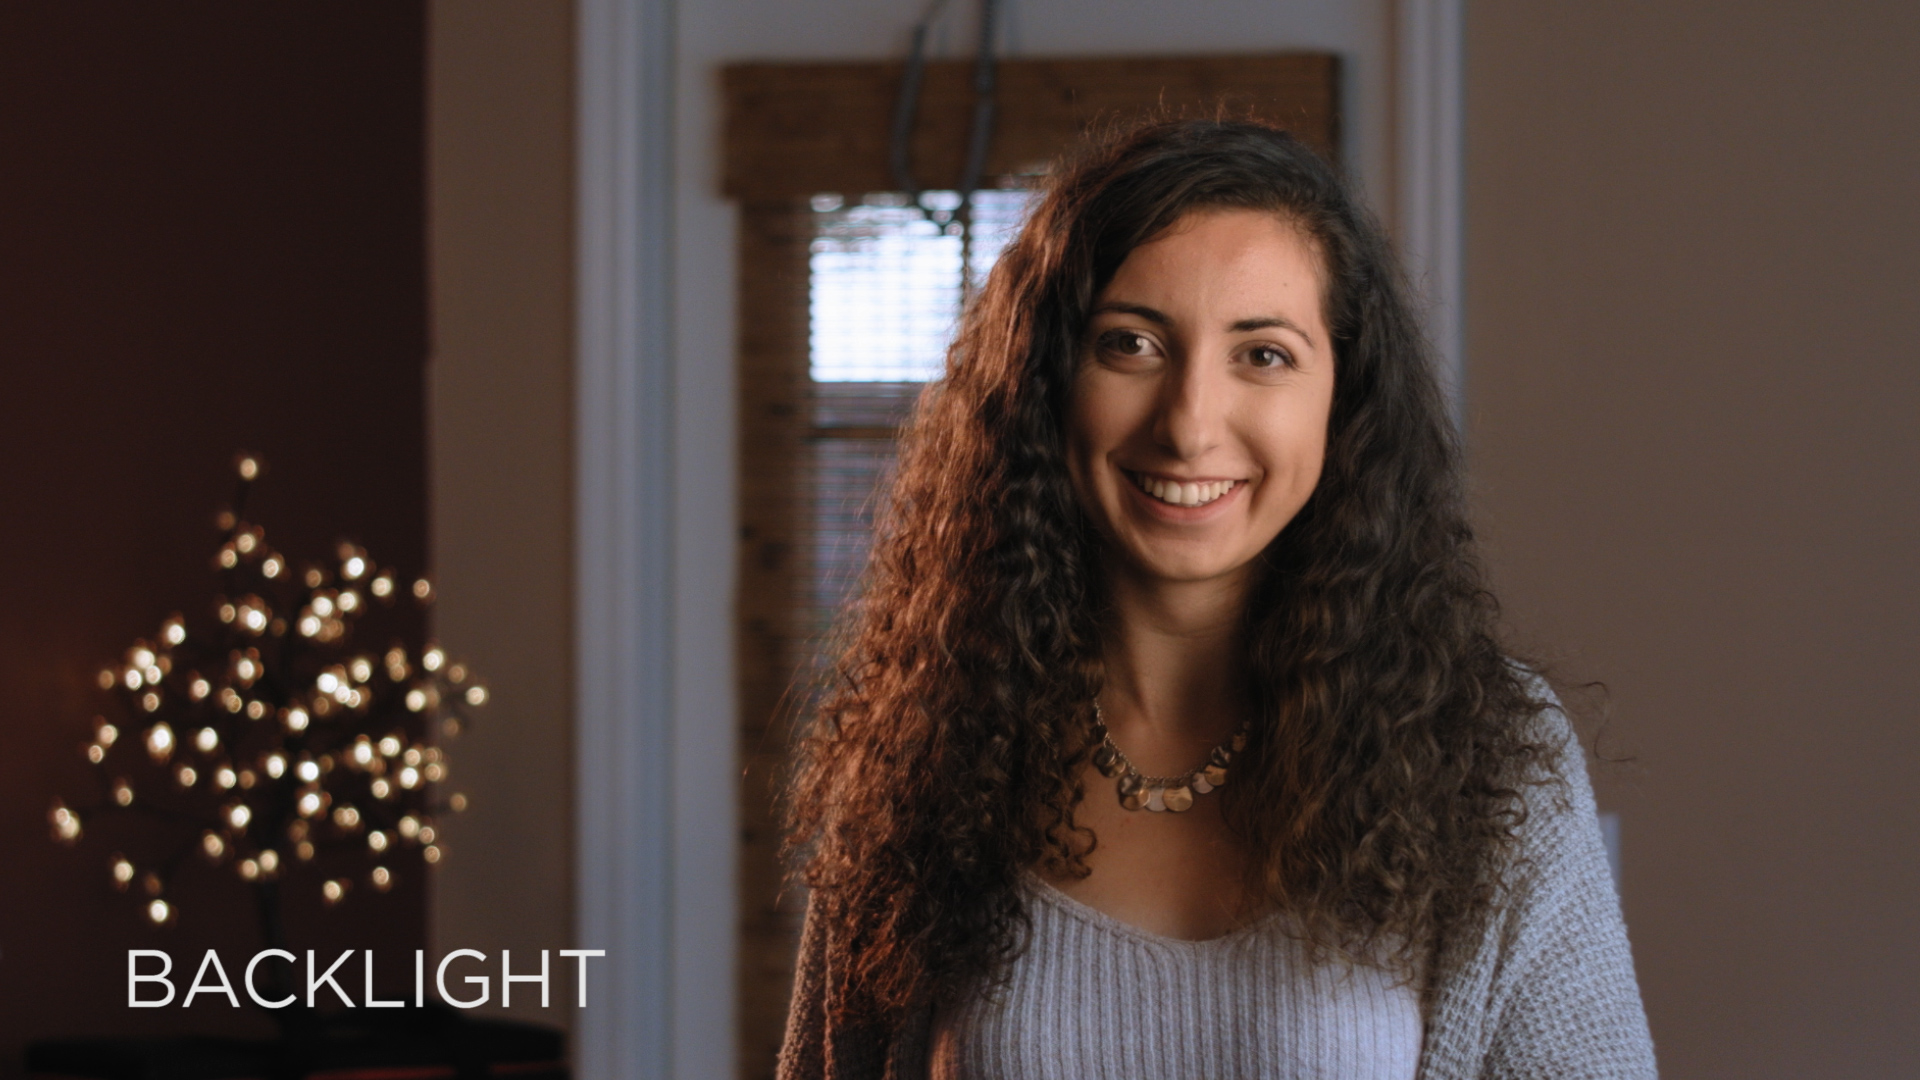 Ambient Light Backlight